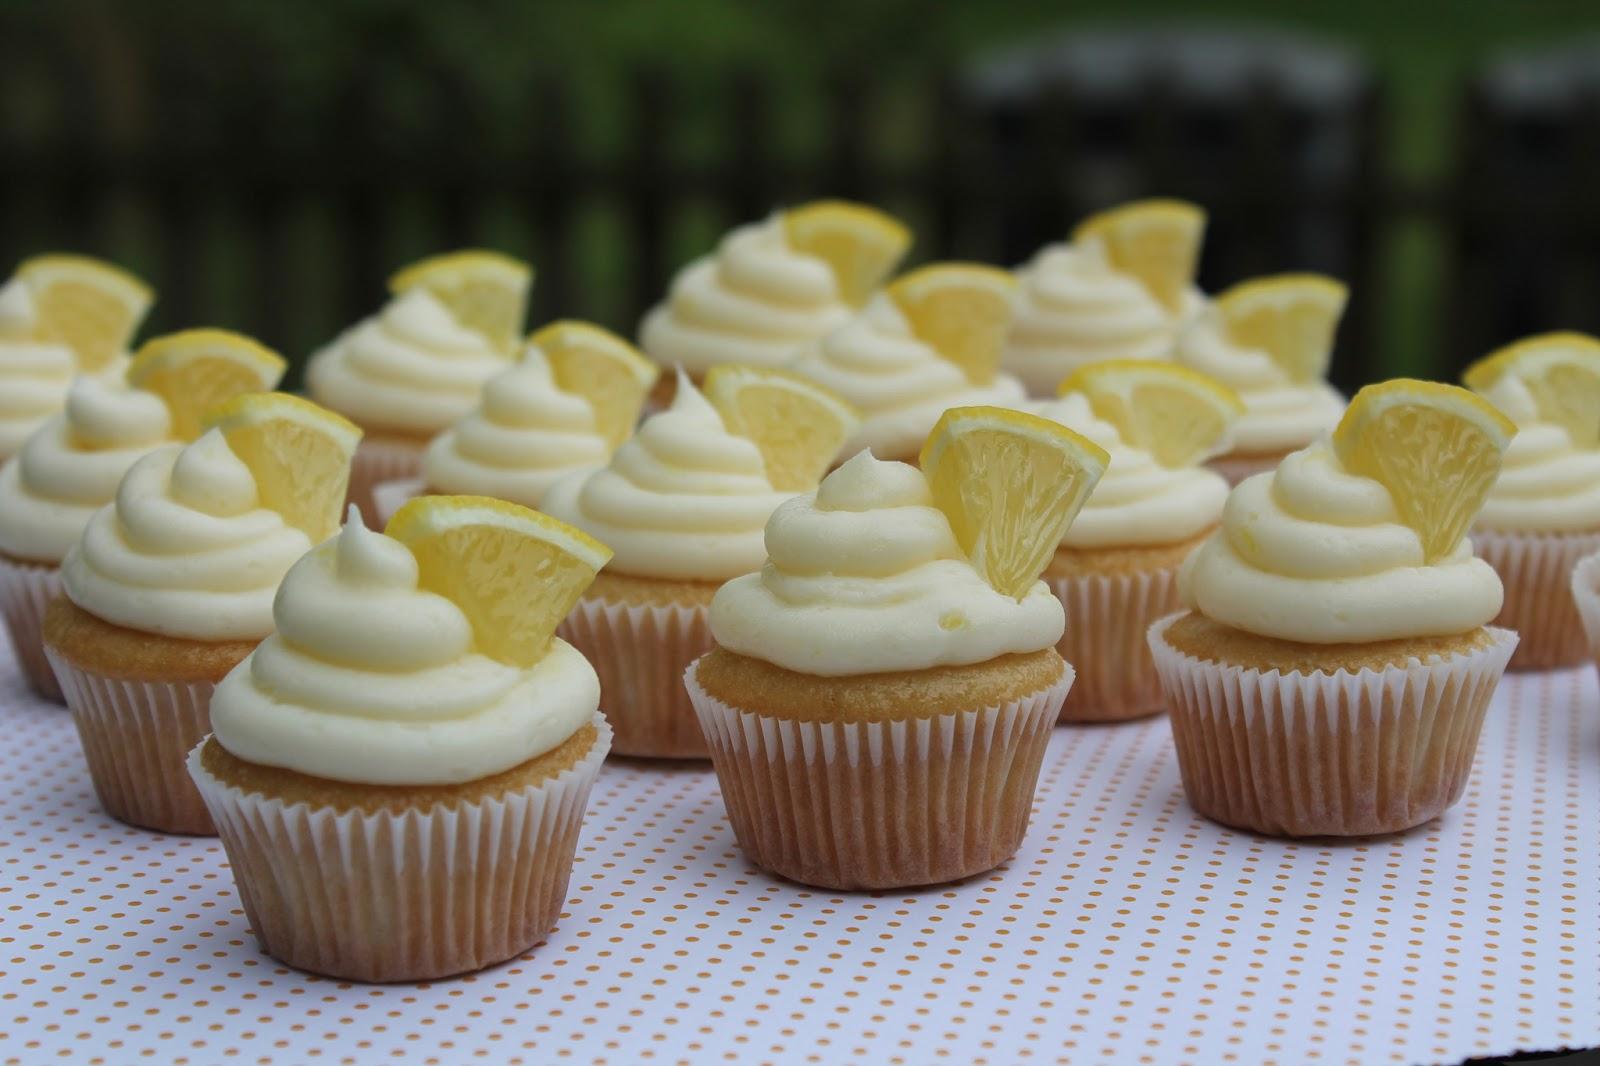 Carolina Charm: Whipped Lemon Buttercream Frosting